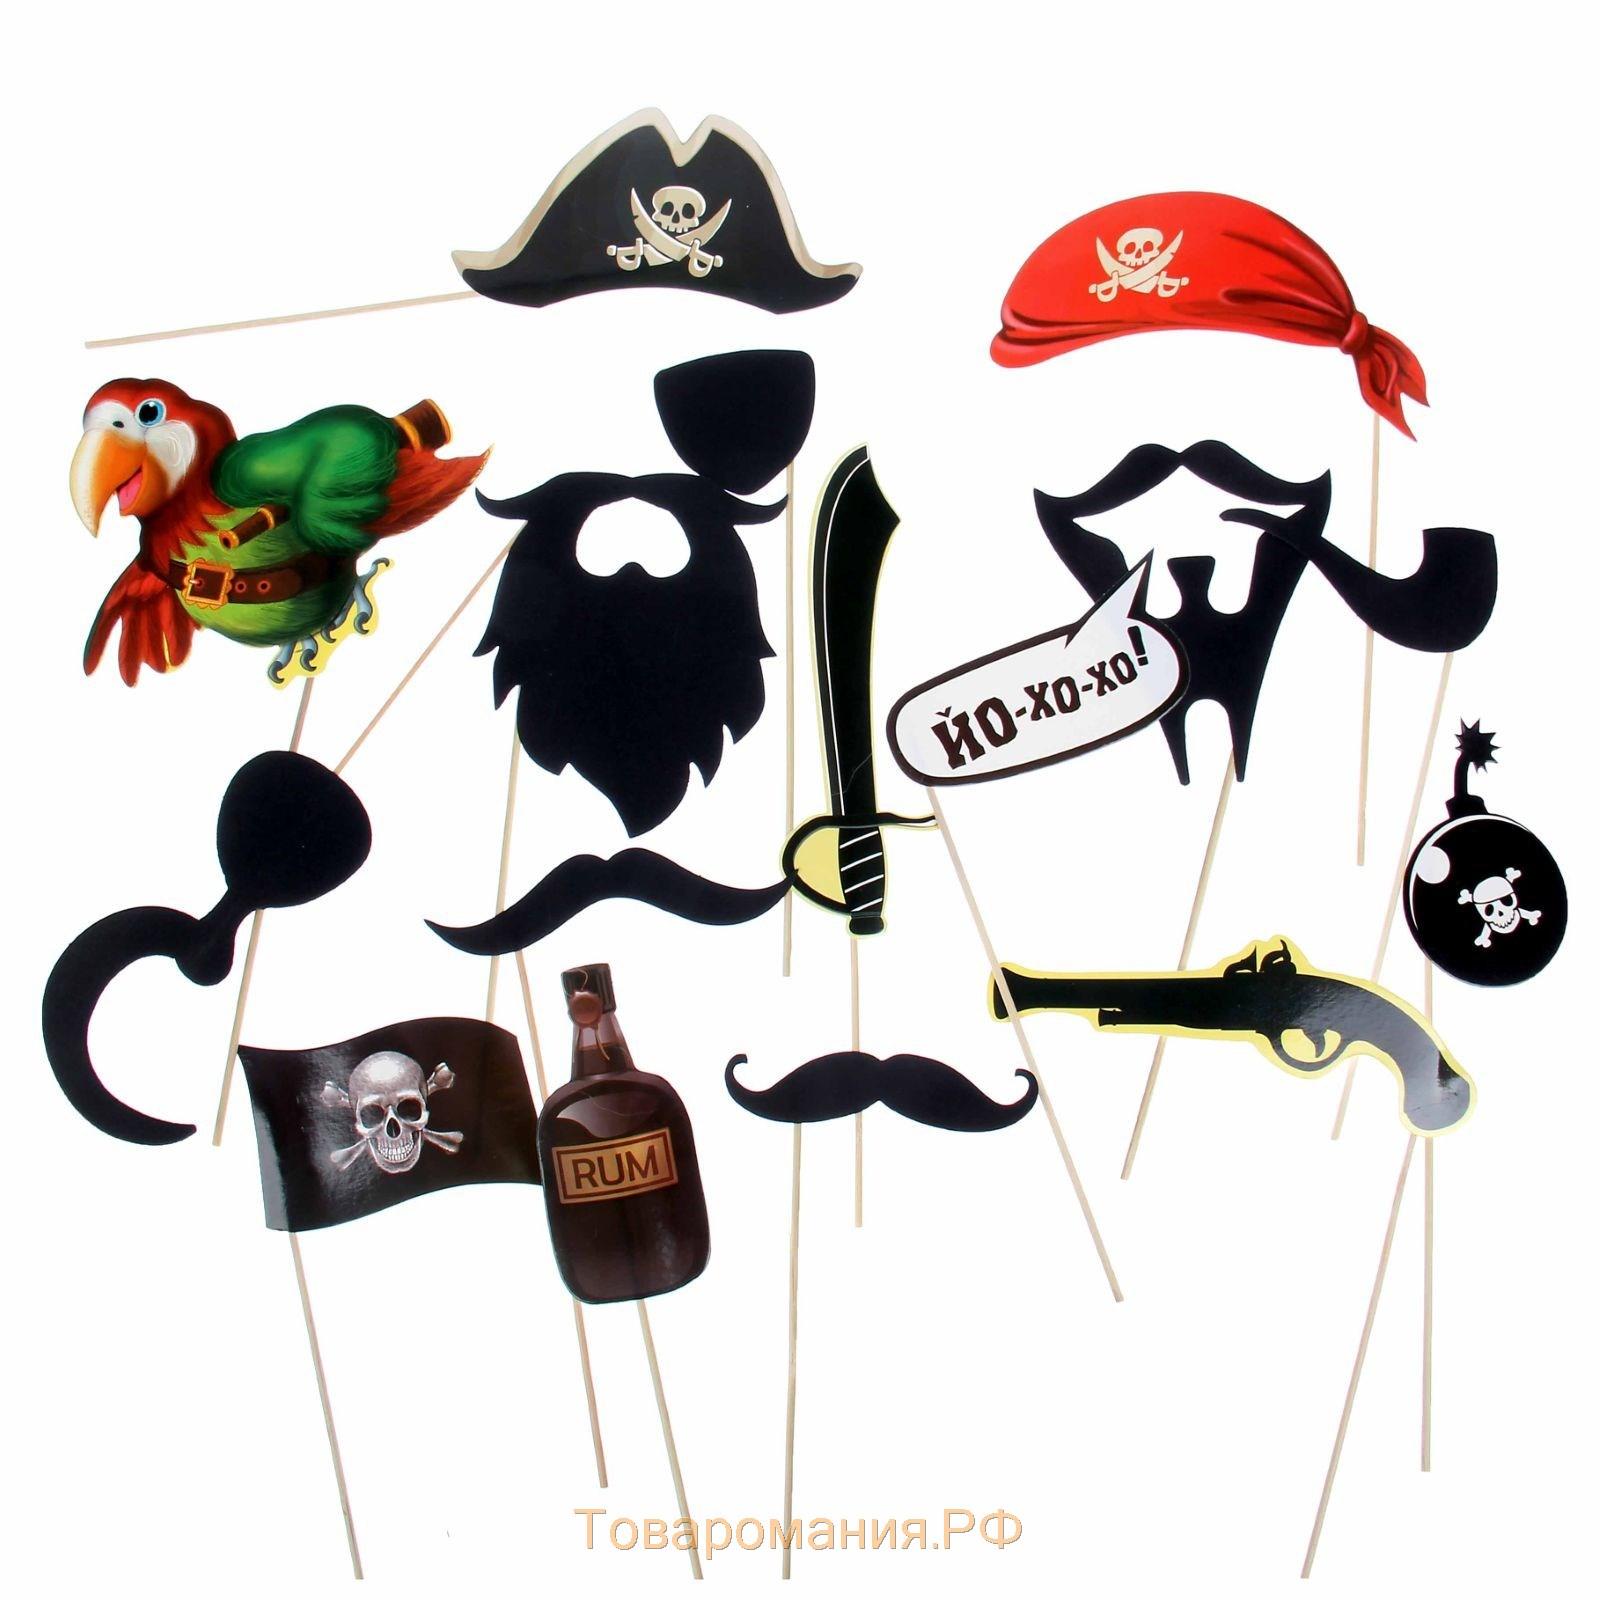 Пиратская вечеринка: организация, идеи и оформление вечеринки 36